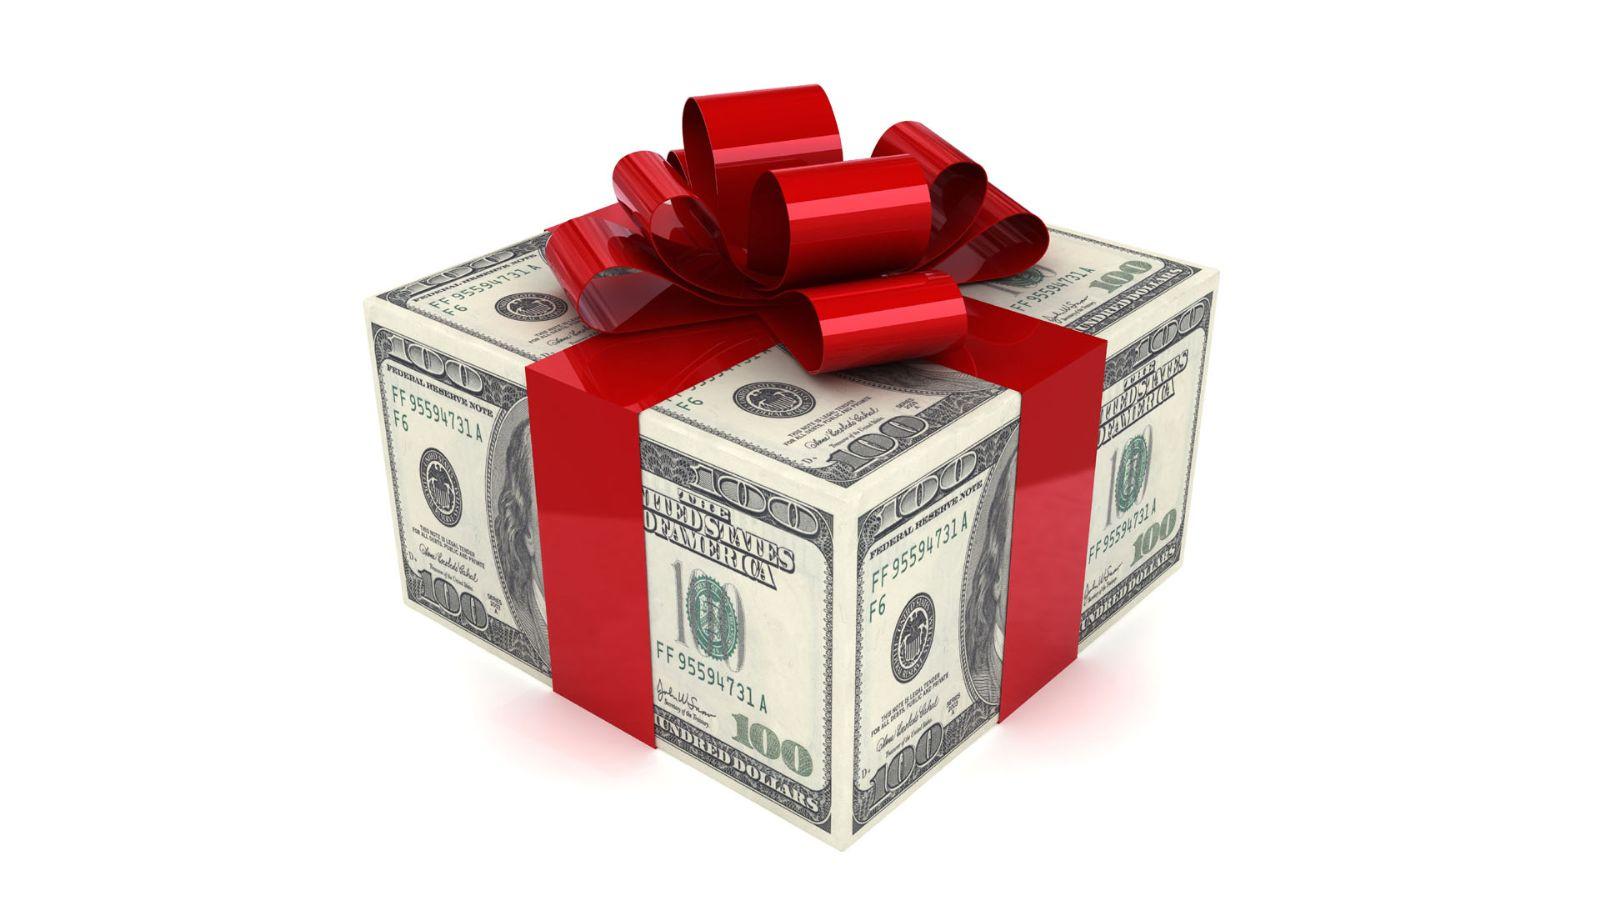 Заговор, чтобы дарили Ритуал чтоб дарил подарки